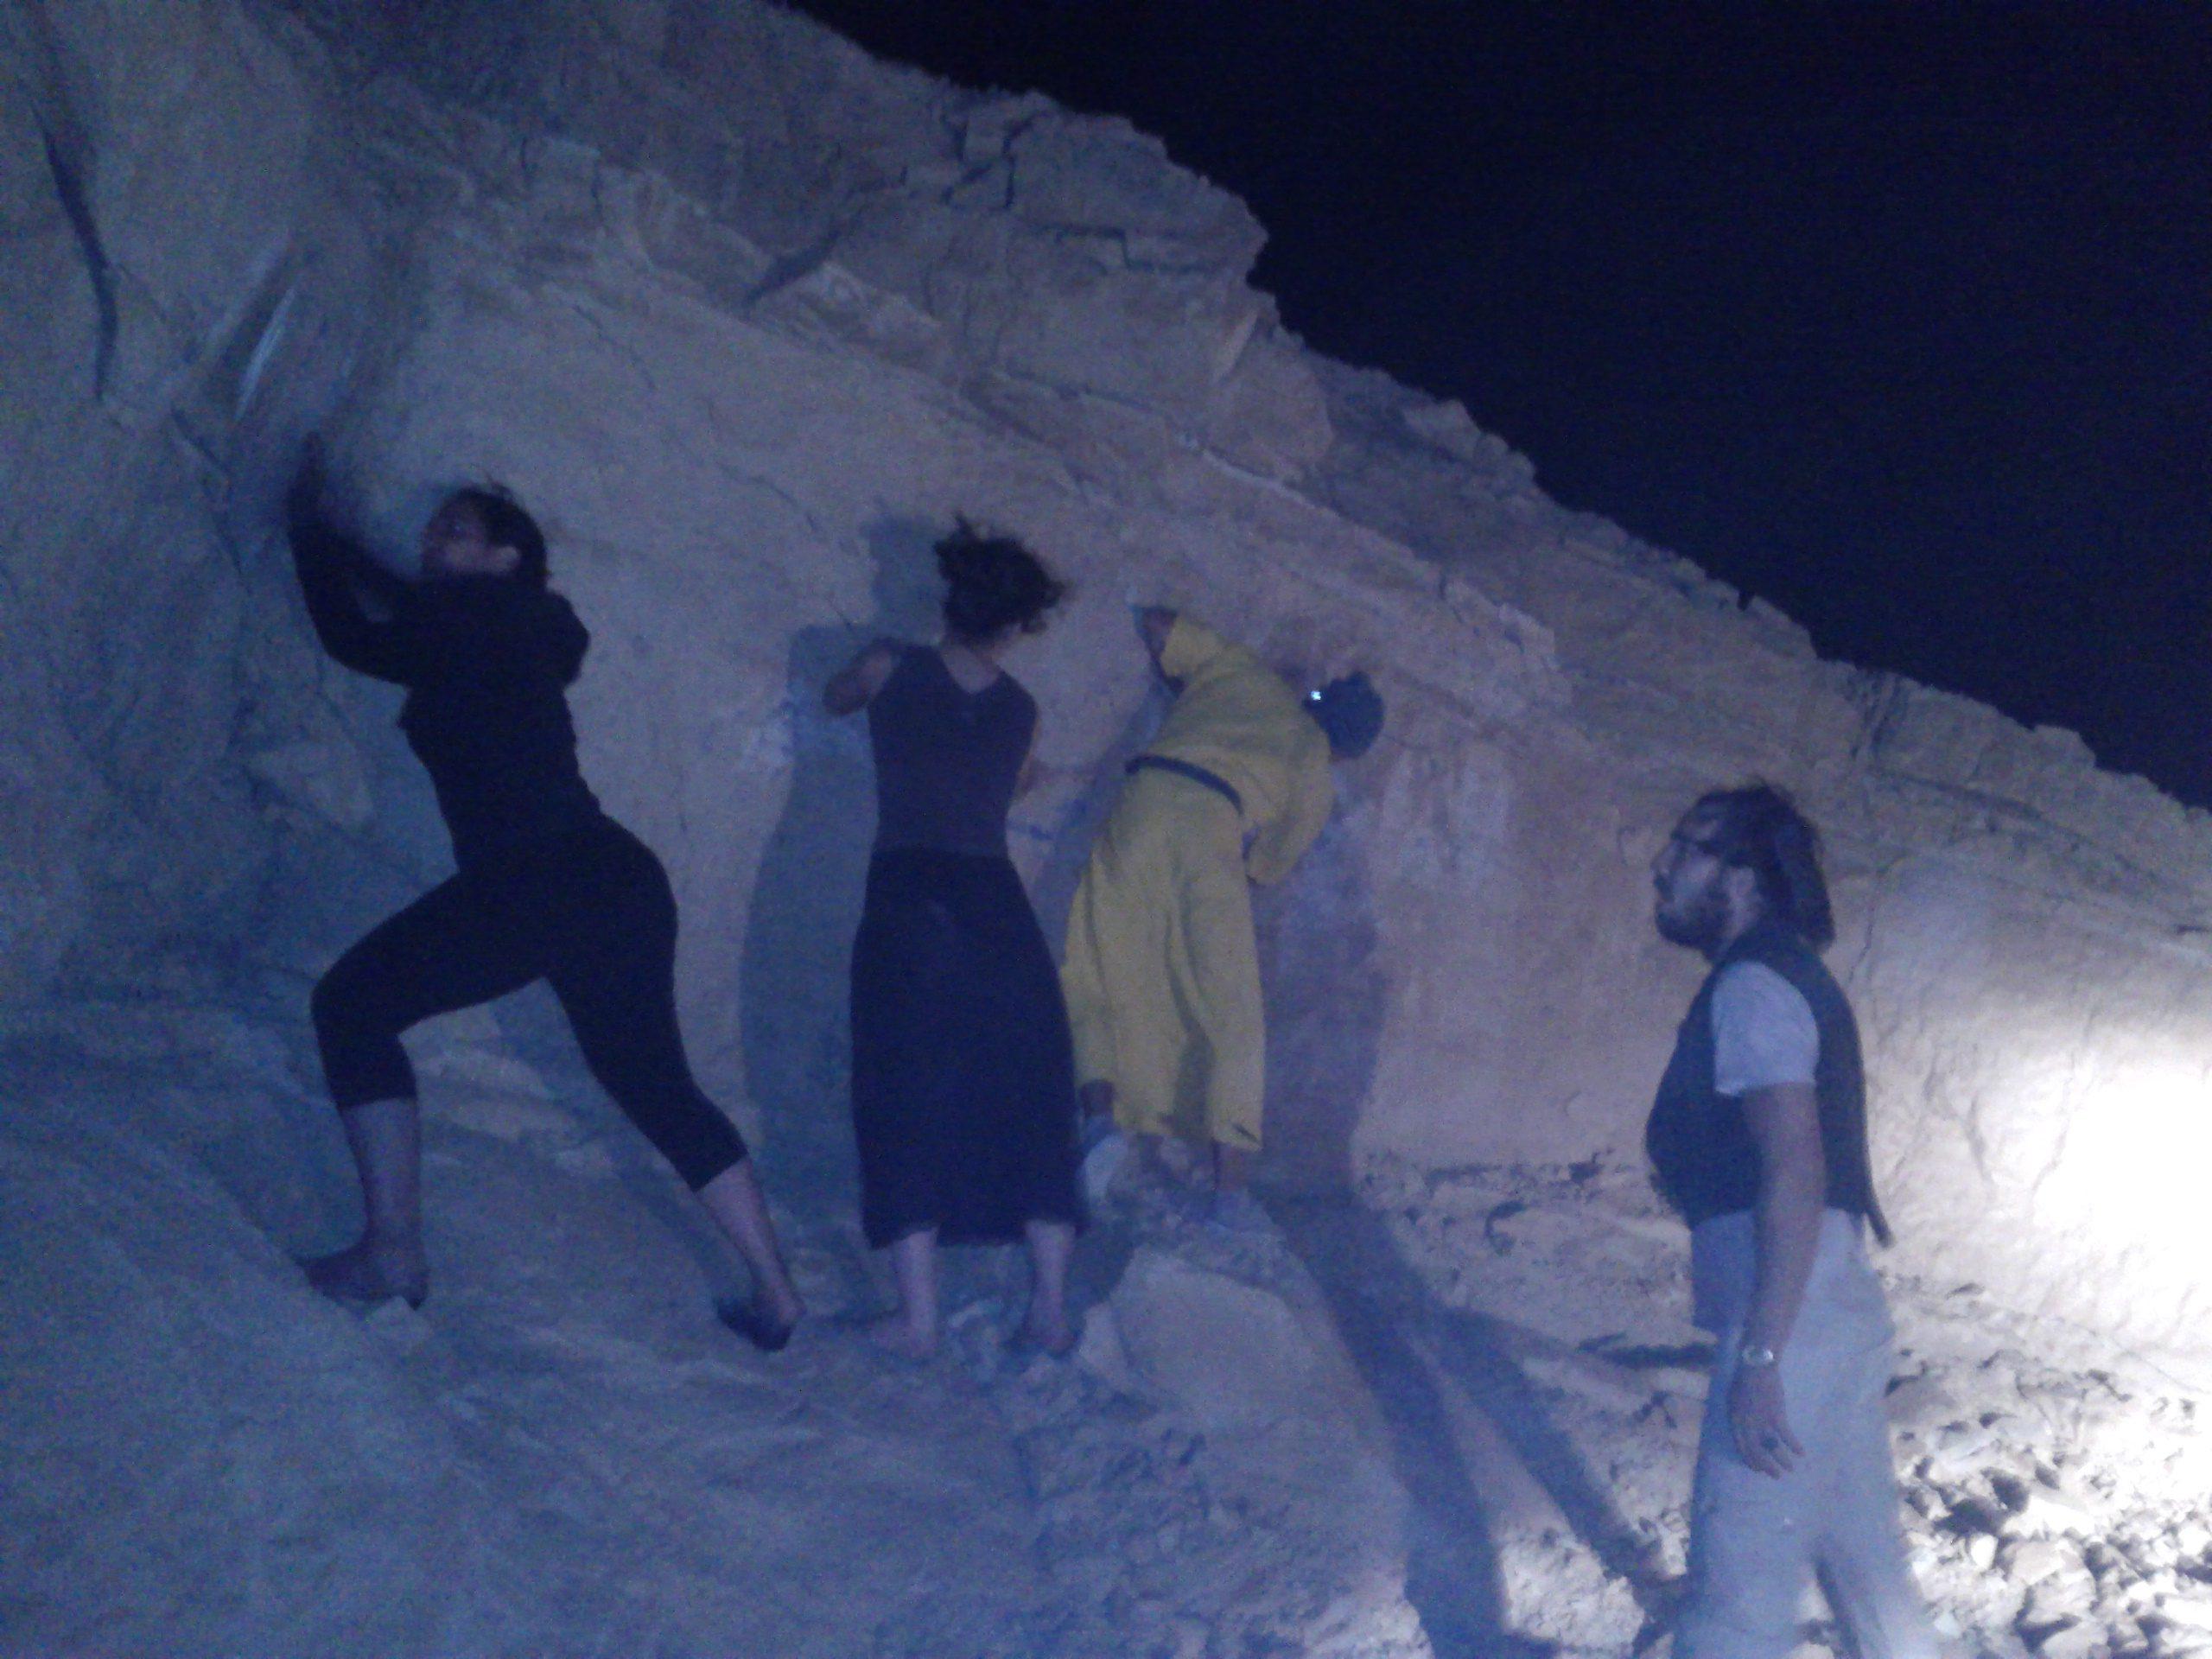 ליל מחיקת הגרפיטי הגדול במעלה עקרבים!